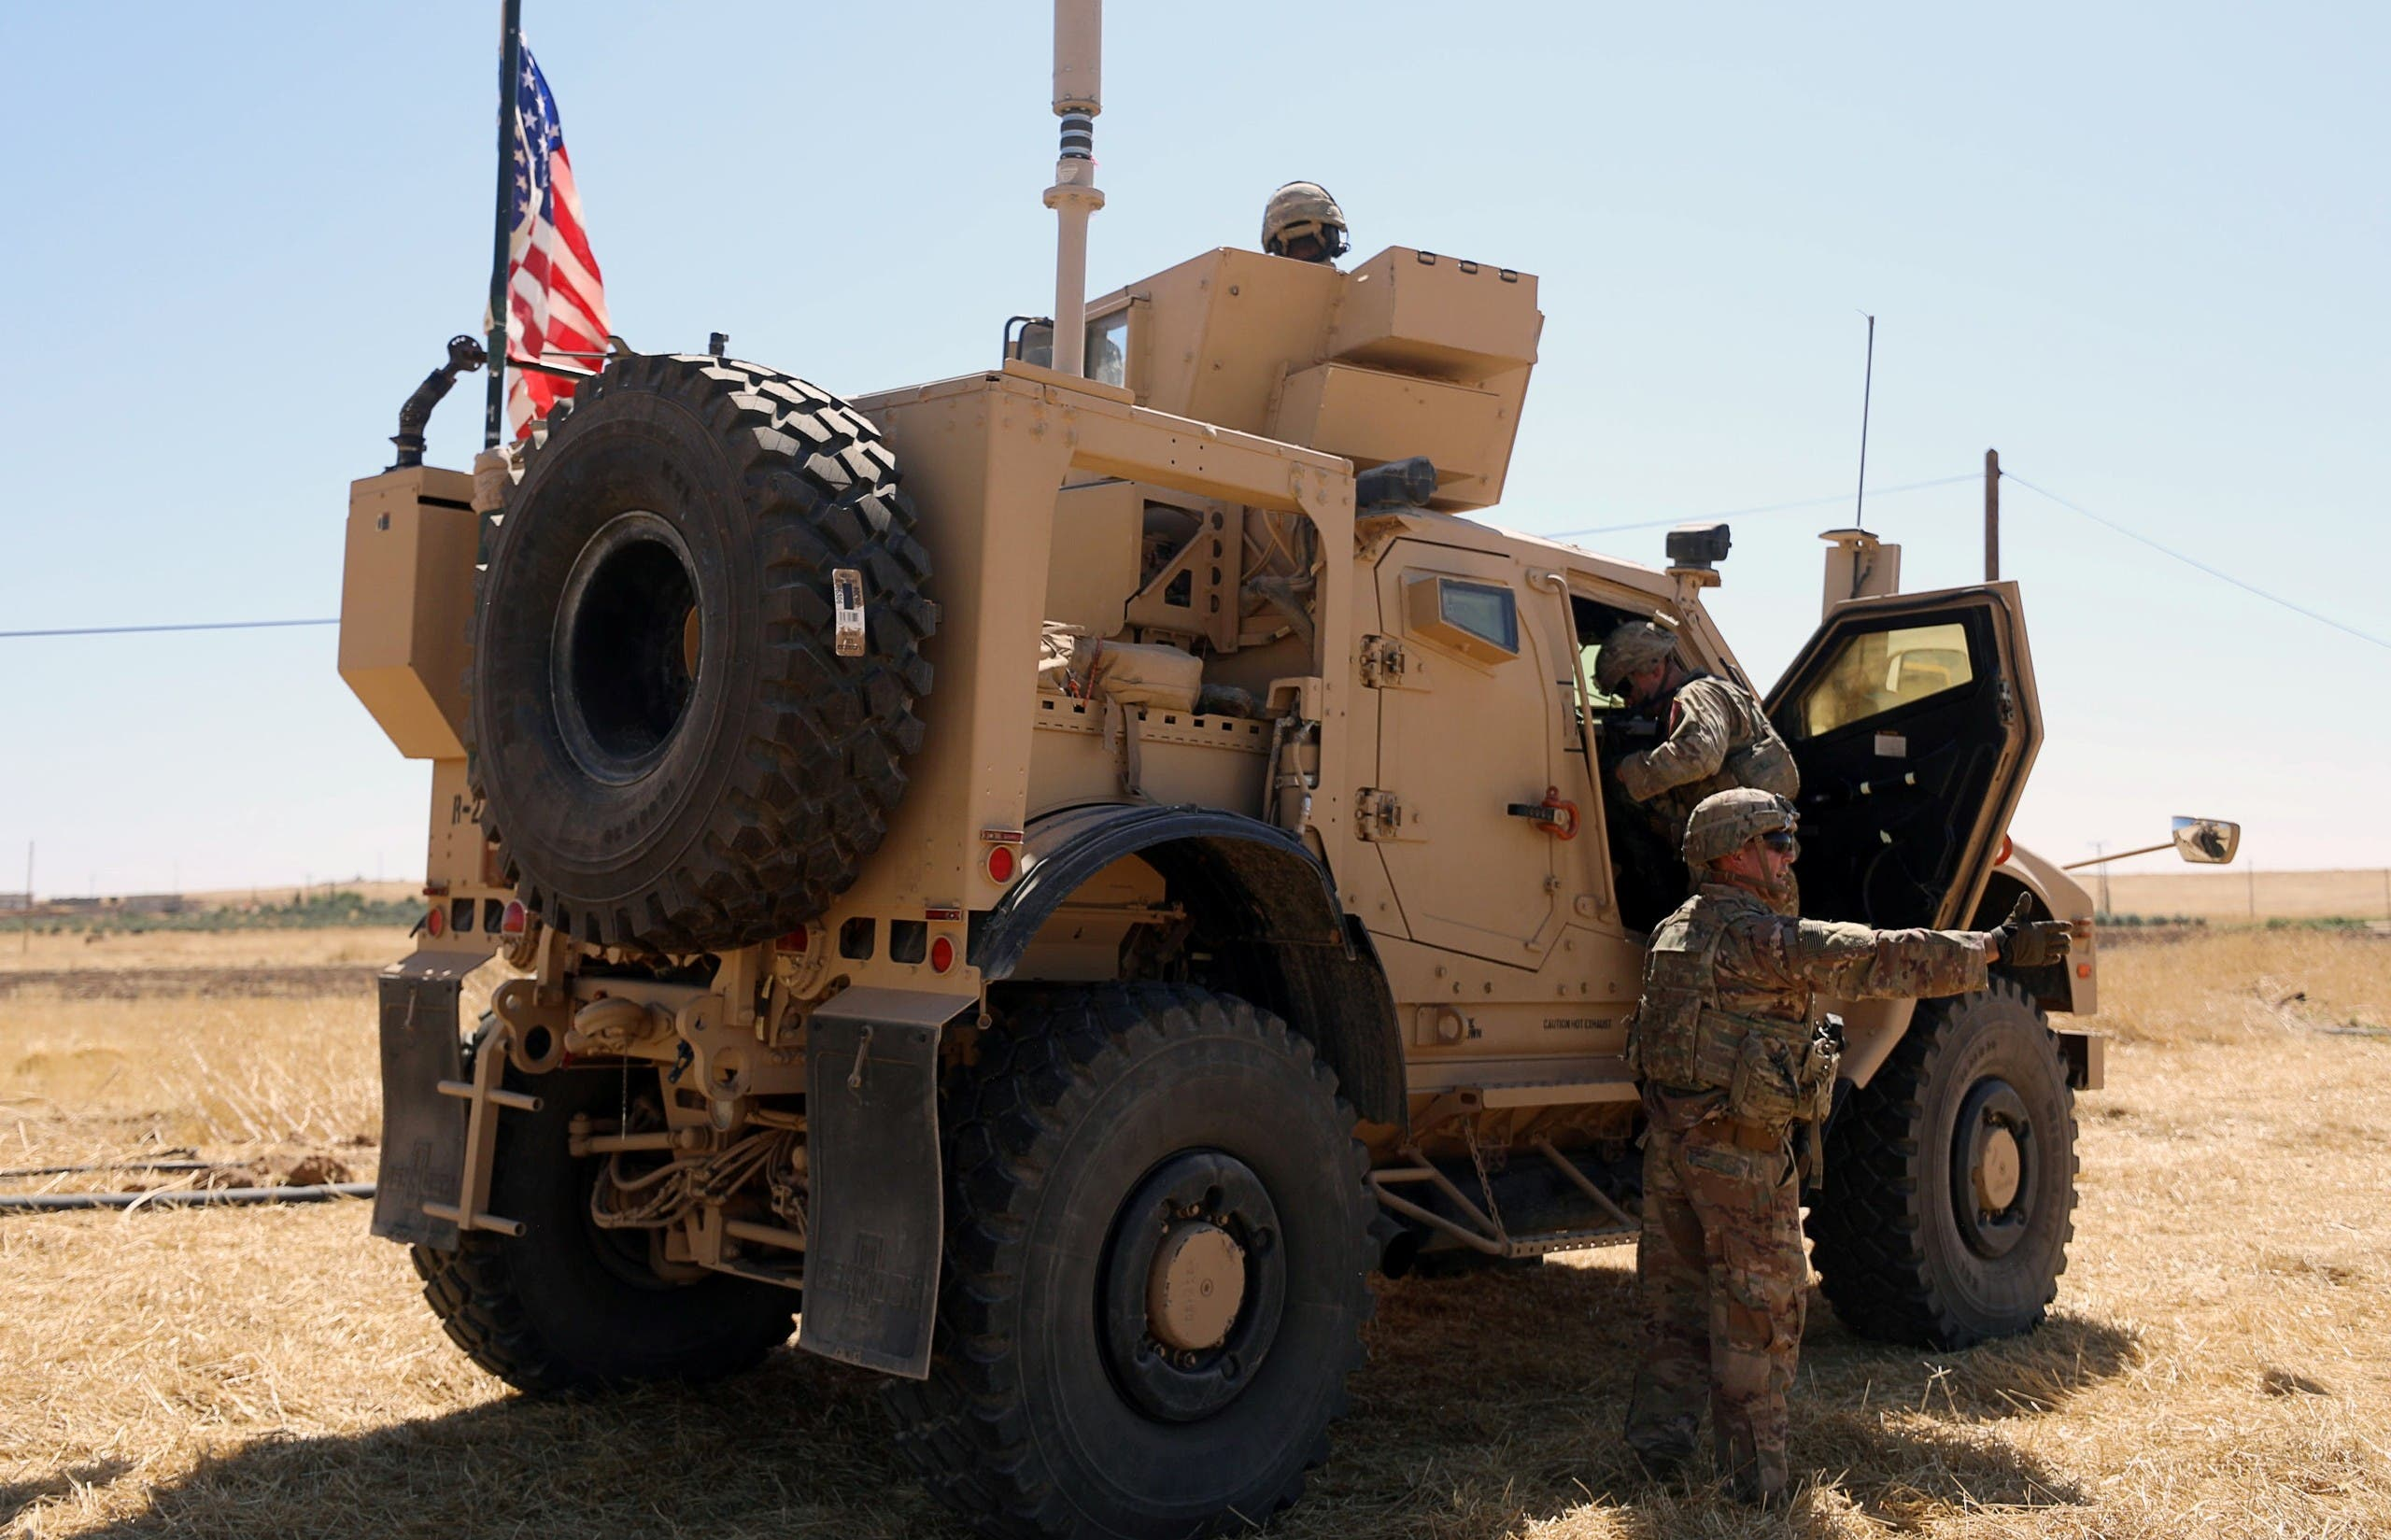 آلية عسكرية أميركية خلال دورية مشتركة مع تركيا في تل أبيض في سبتمبر 2019 (أرشيفية)